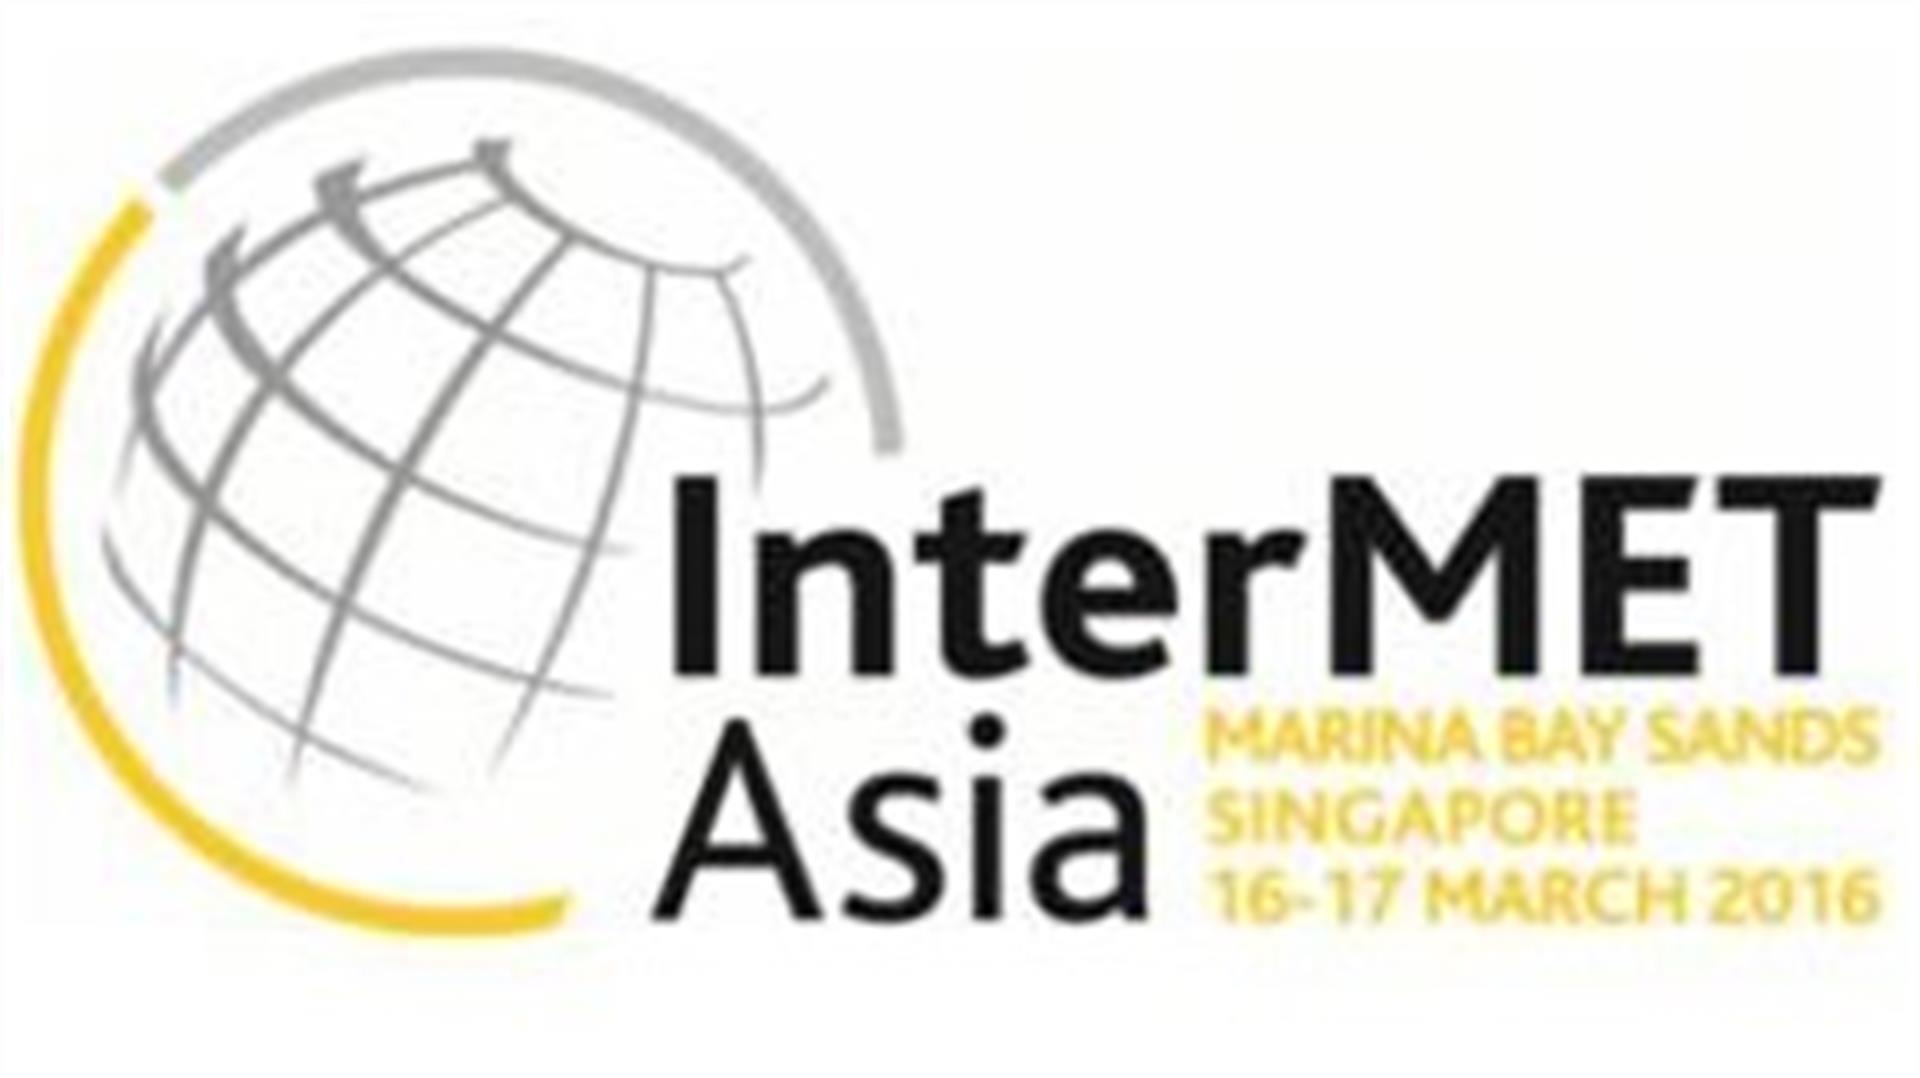 InterMET Asia Singapore